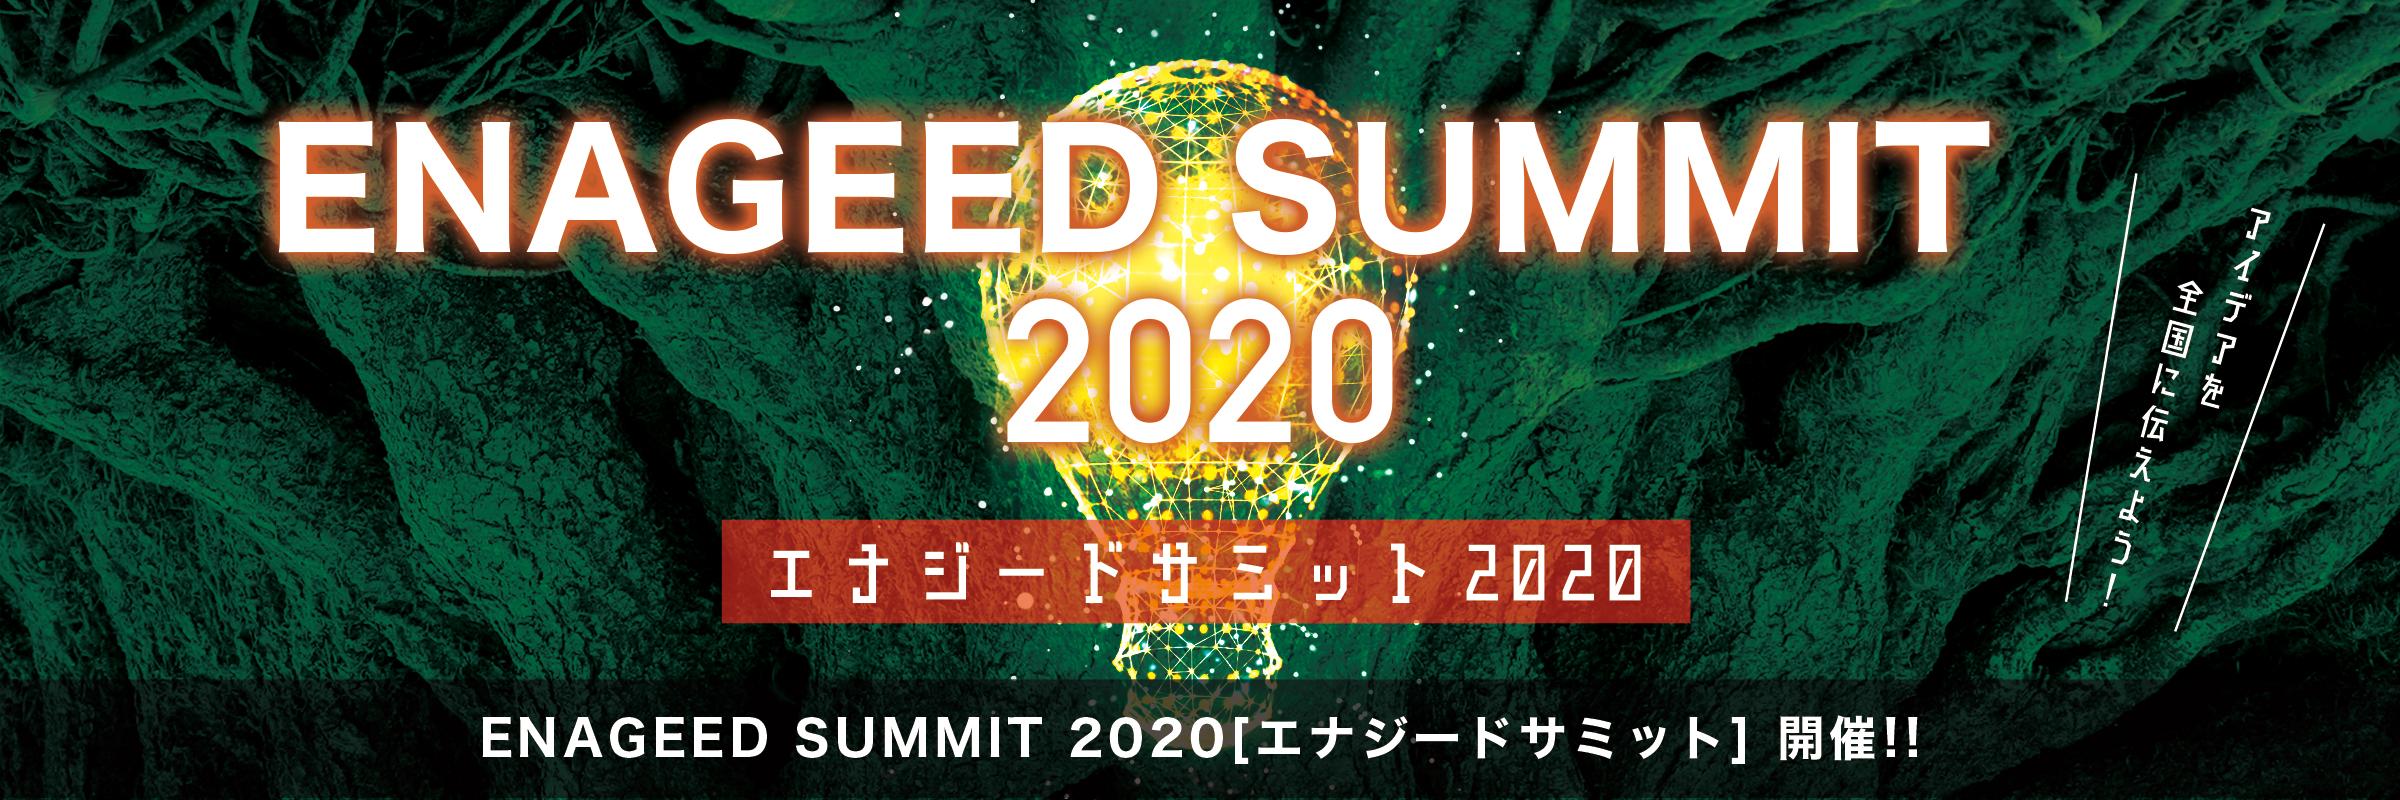 title_summit